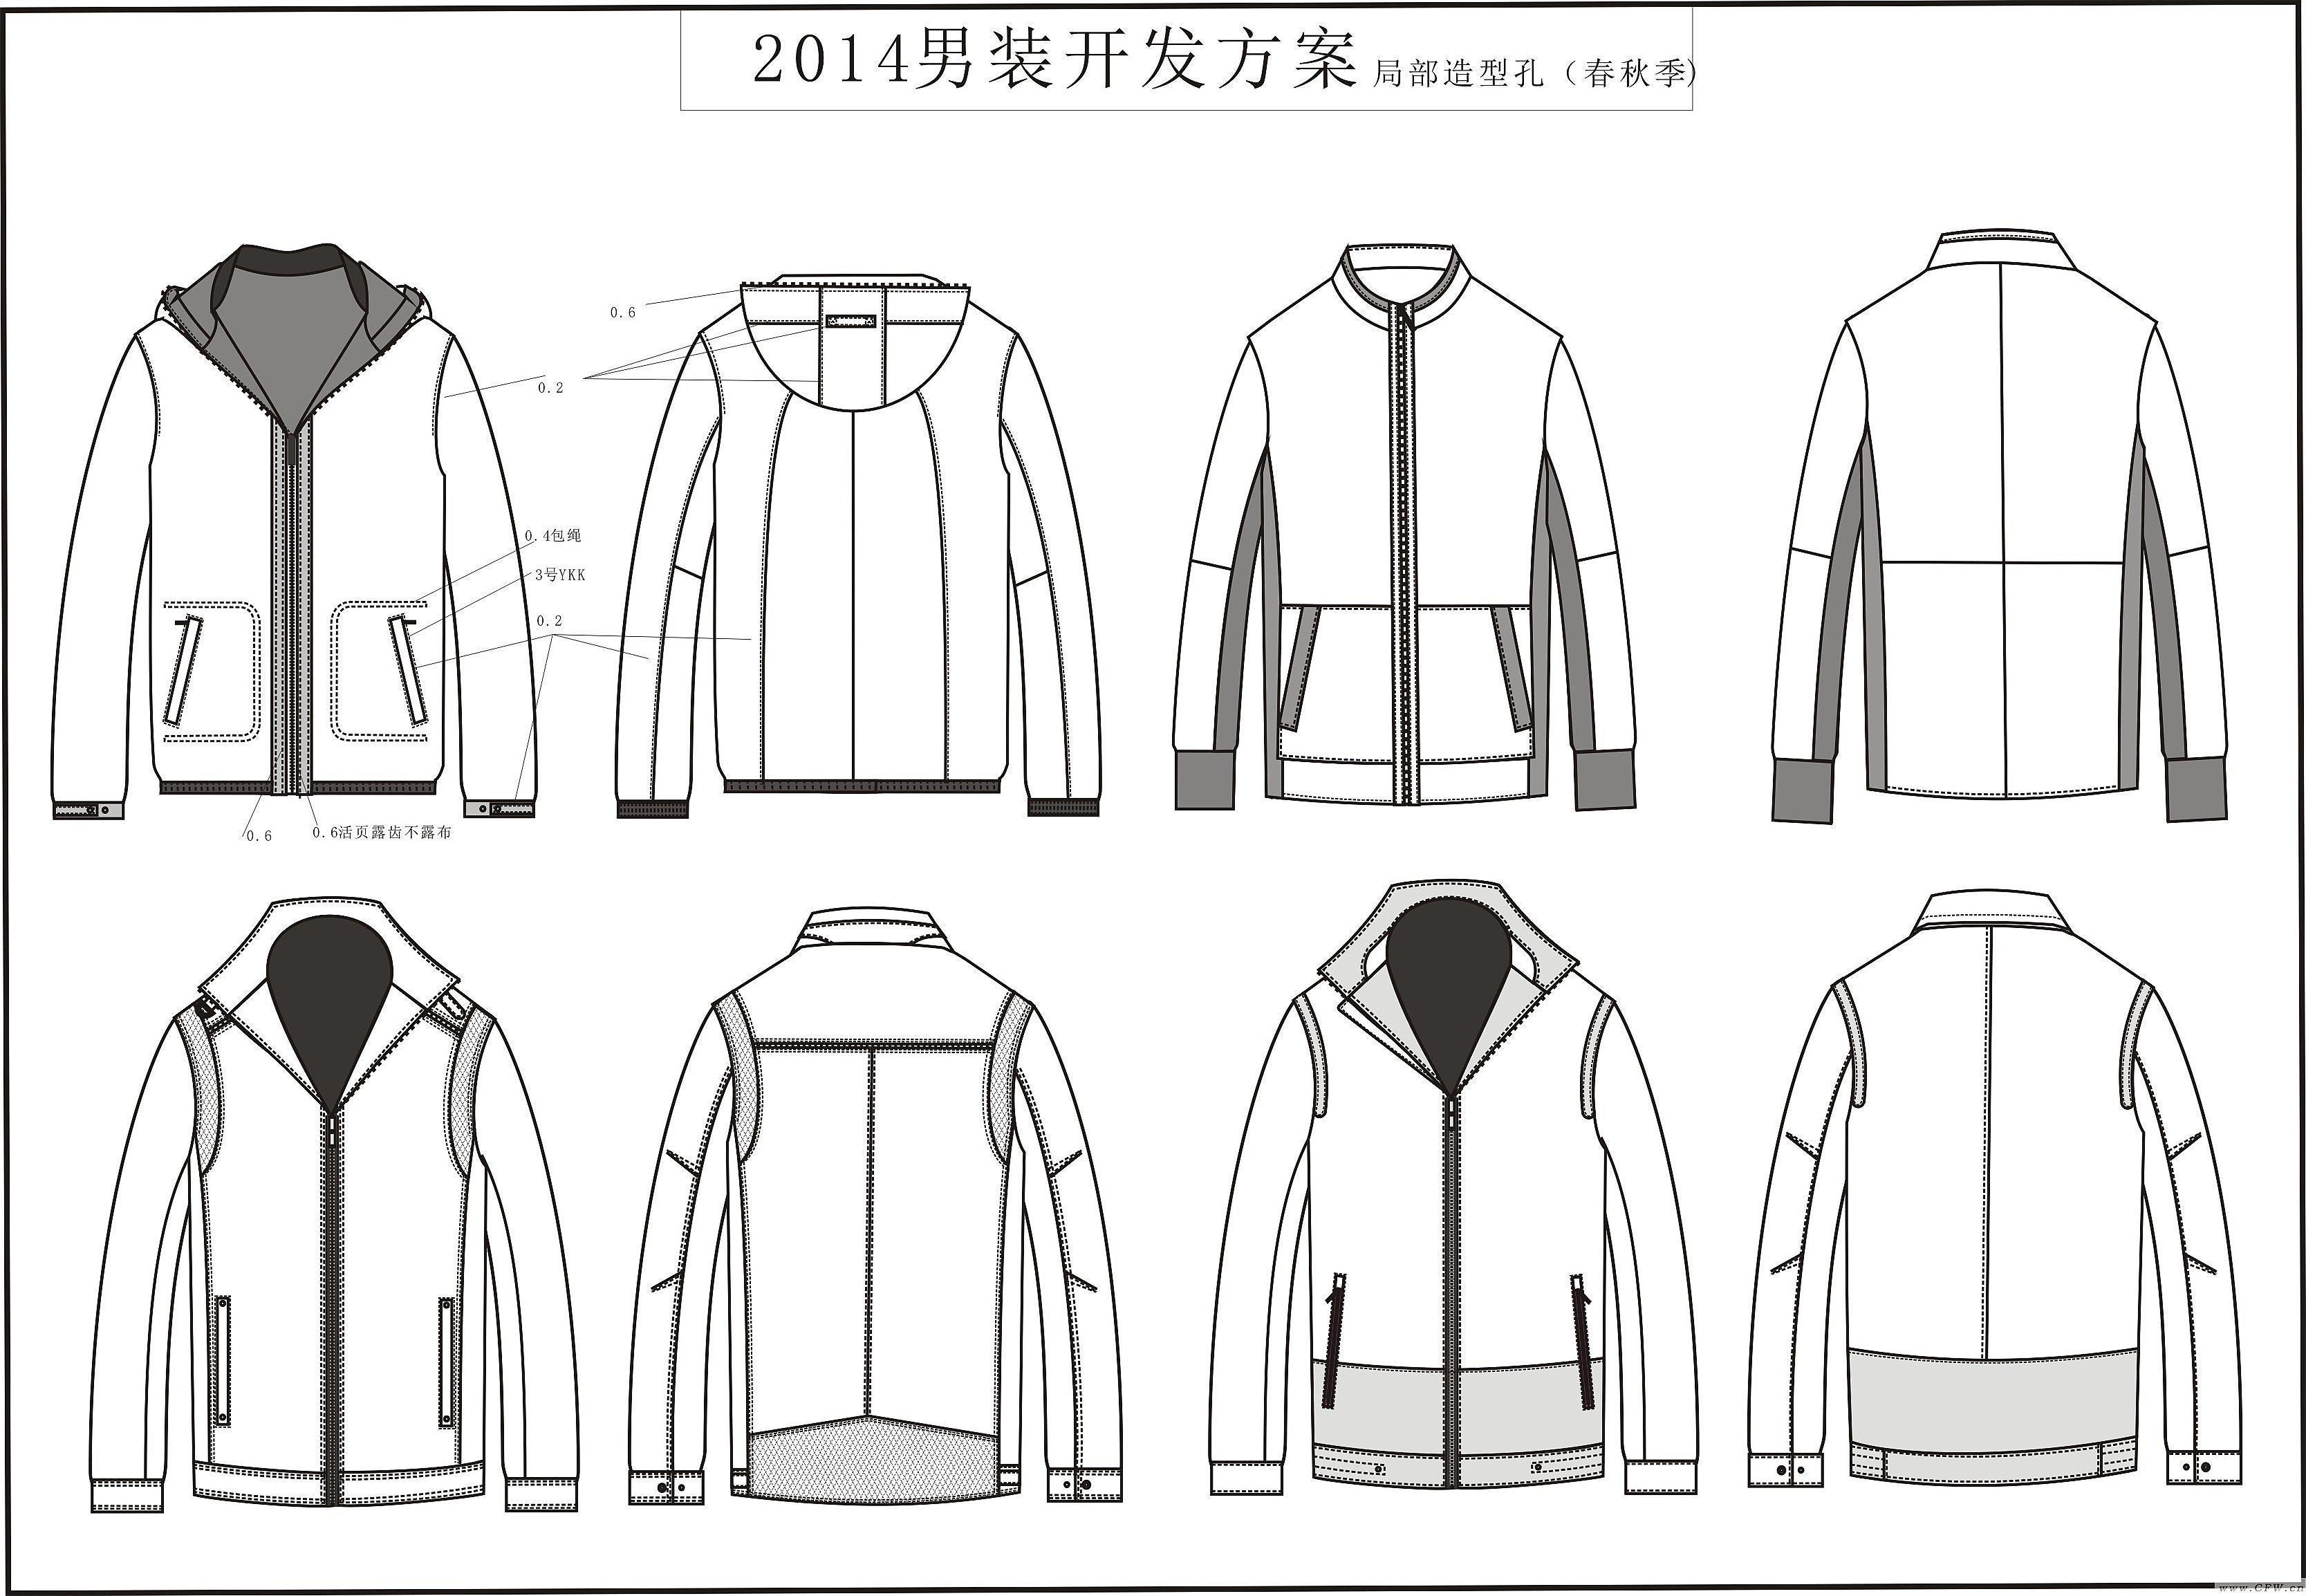 2014男装设计资料作品-2014男装设计资料款式图图片